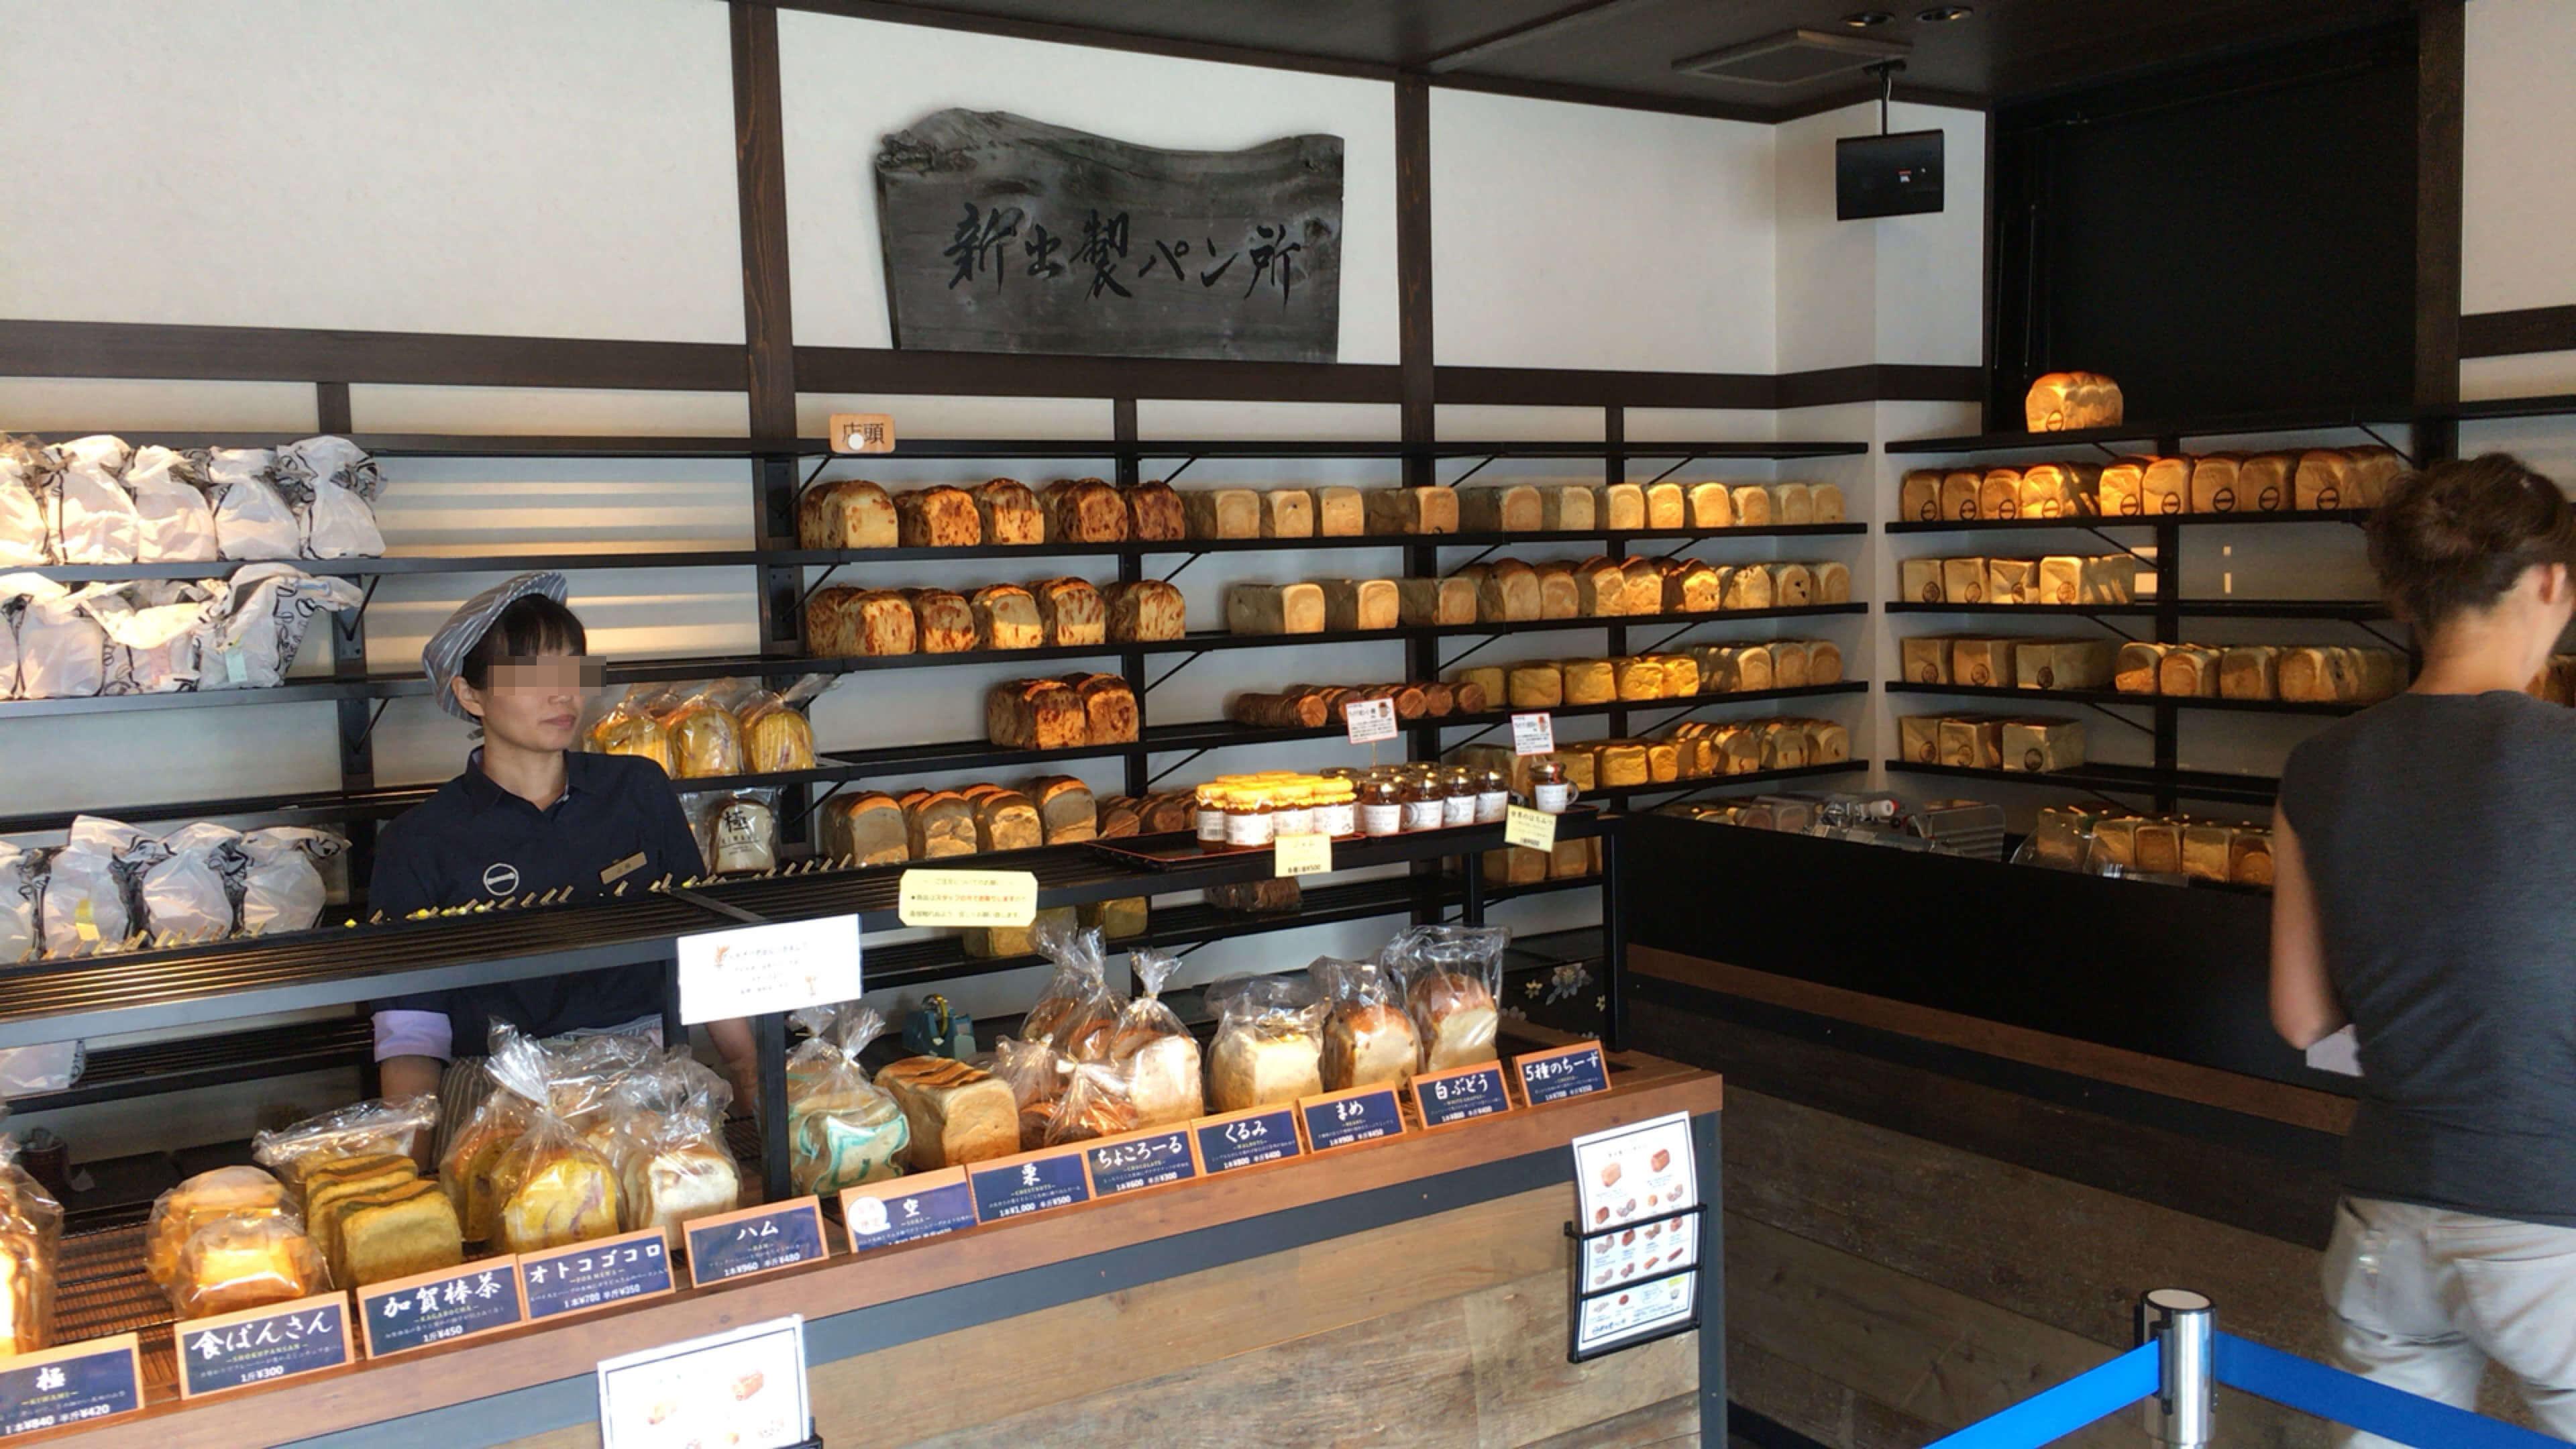 この食パンのフワフワ感にヤミツキ! @ 新出製パン所